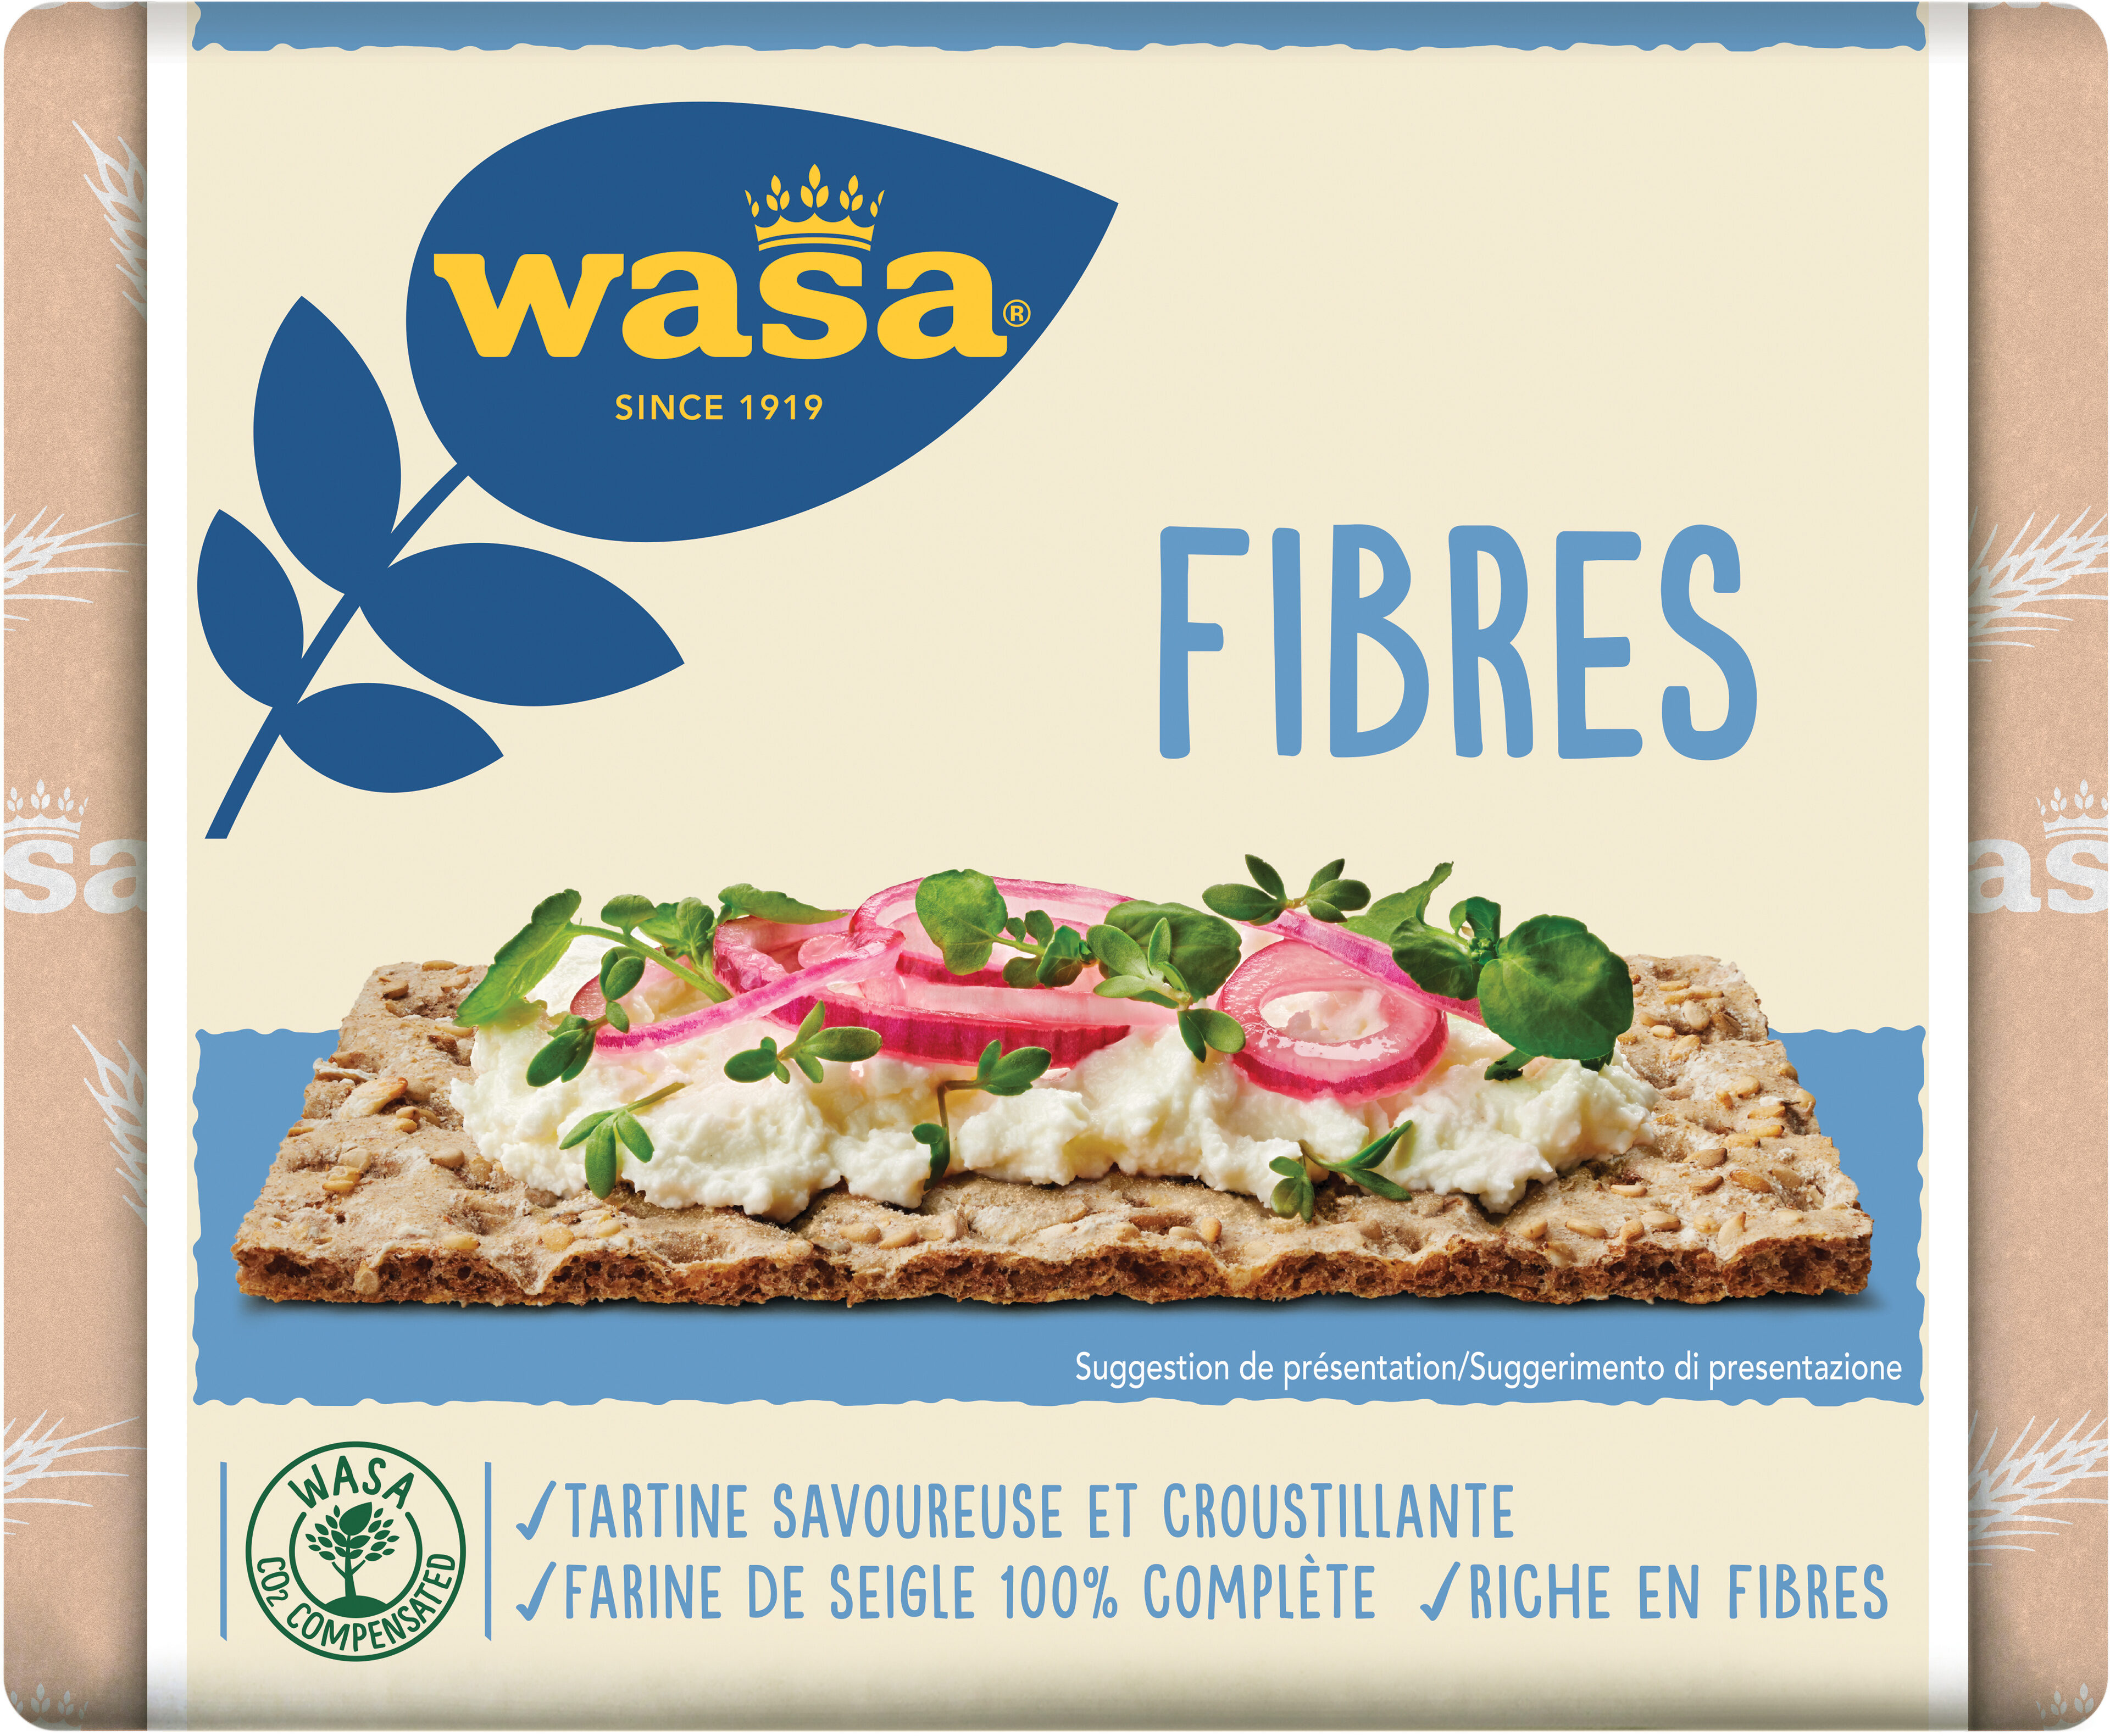 Wasa tartine croustillante fibres - Prodotto - fr